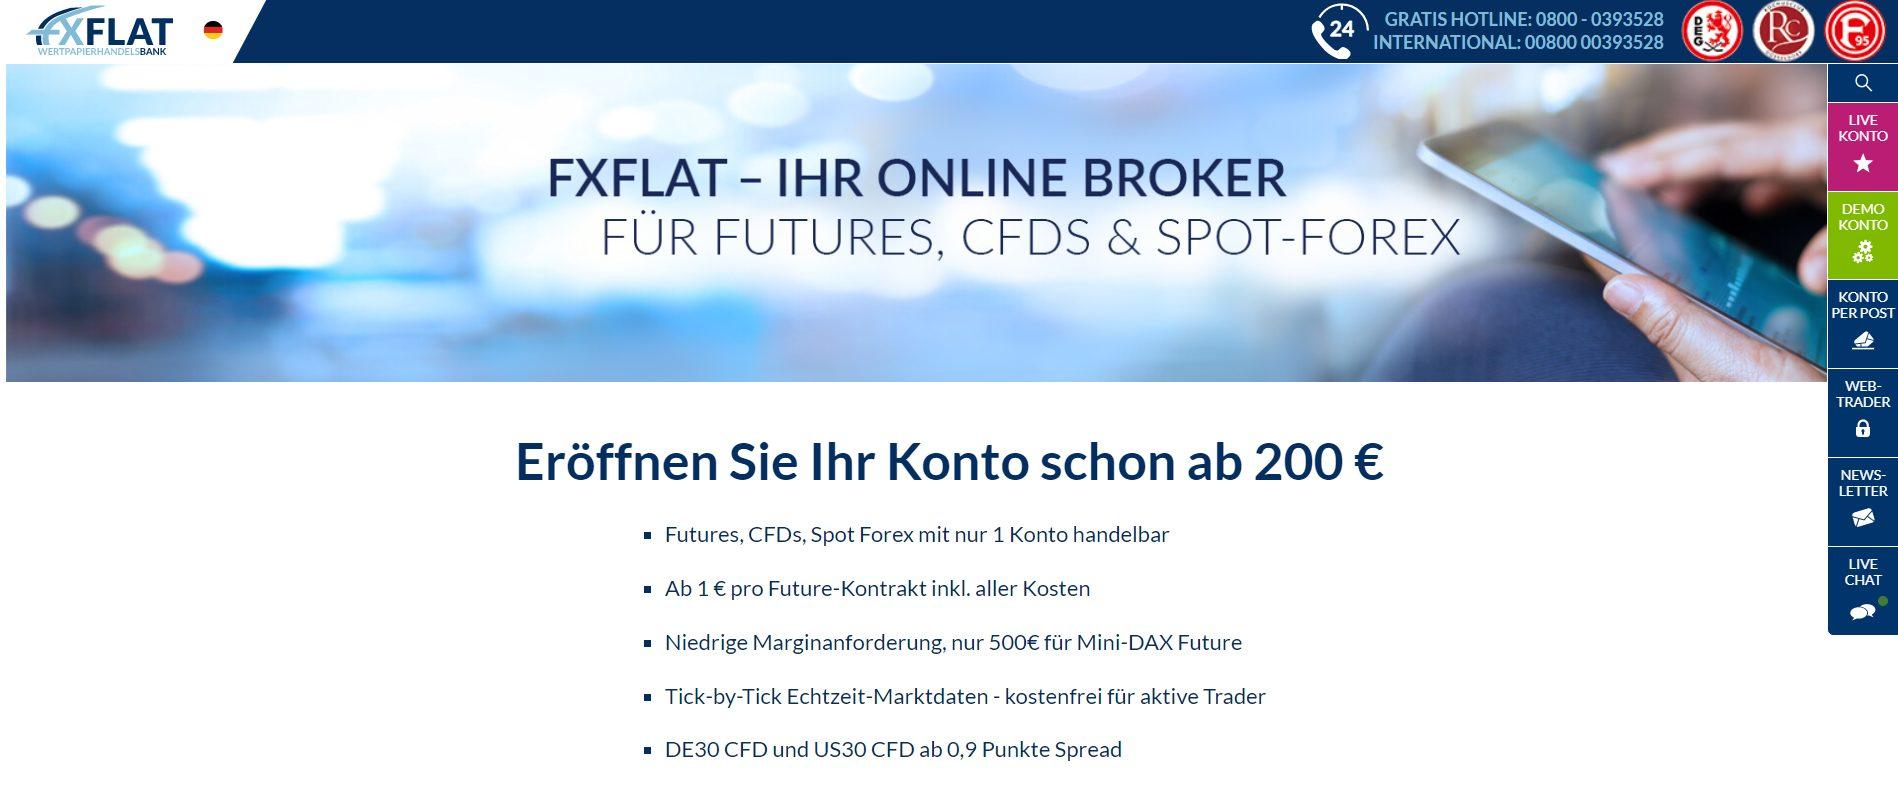 Ein Blick auf die Website von FXFLAT